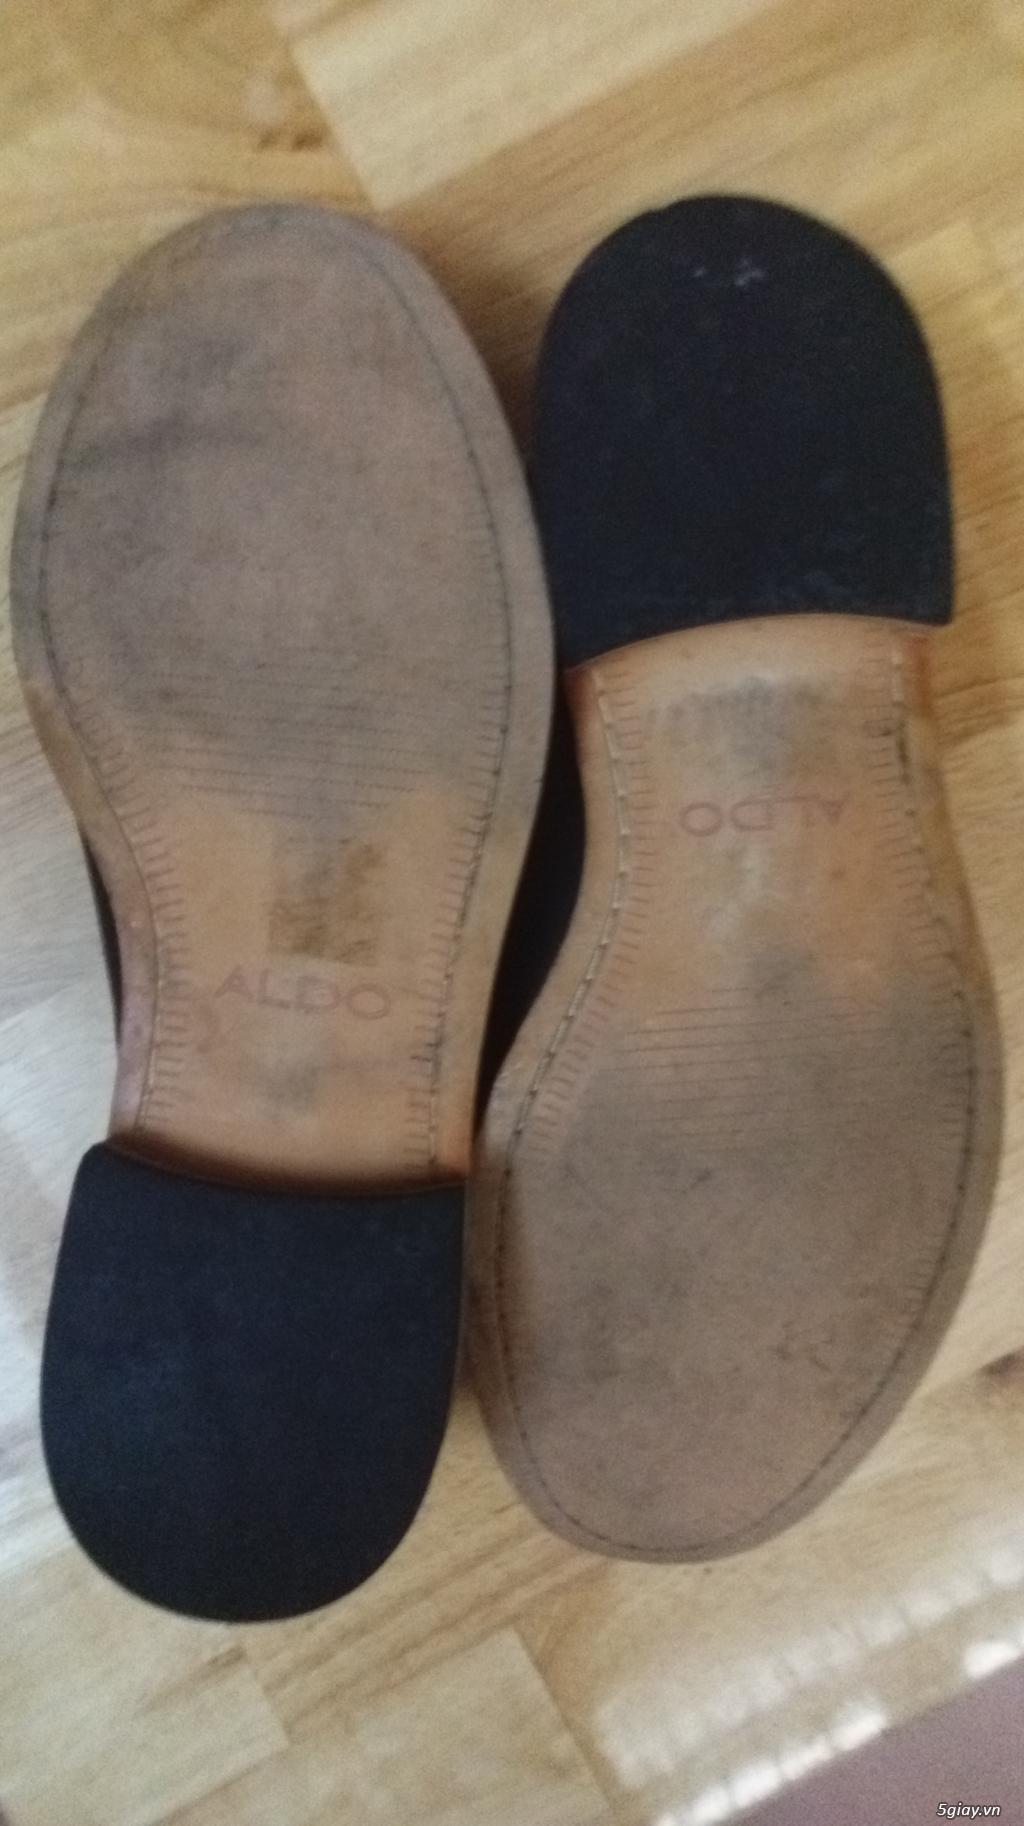 Thanh lý vài đôi giày hiệu còn rất tốt rất đẹp ALDO, tonny, ... Ví da Nam - 2